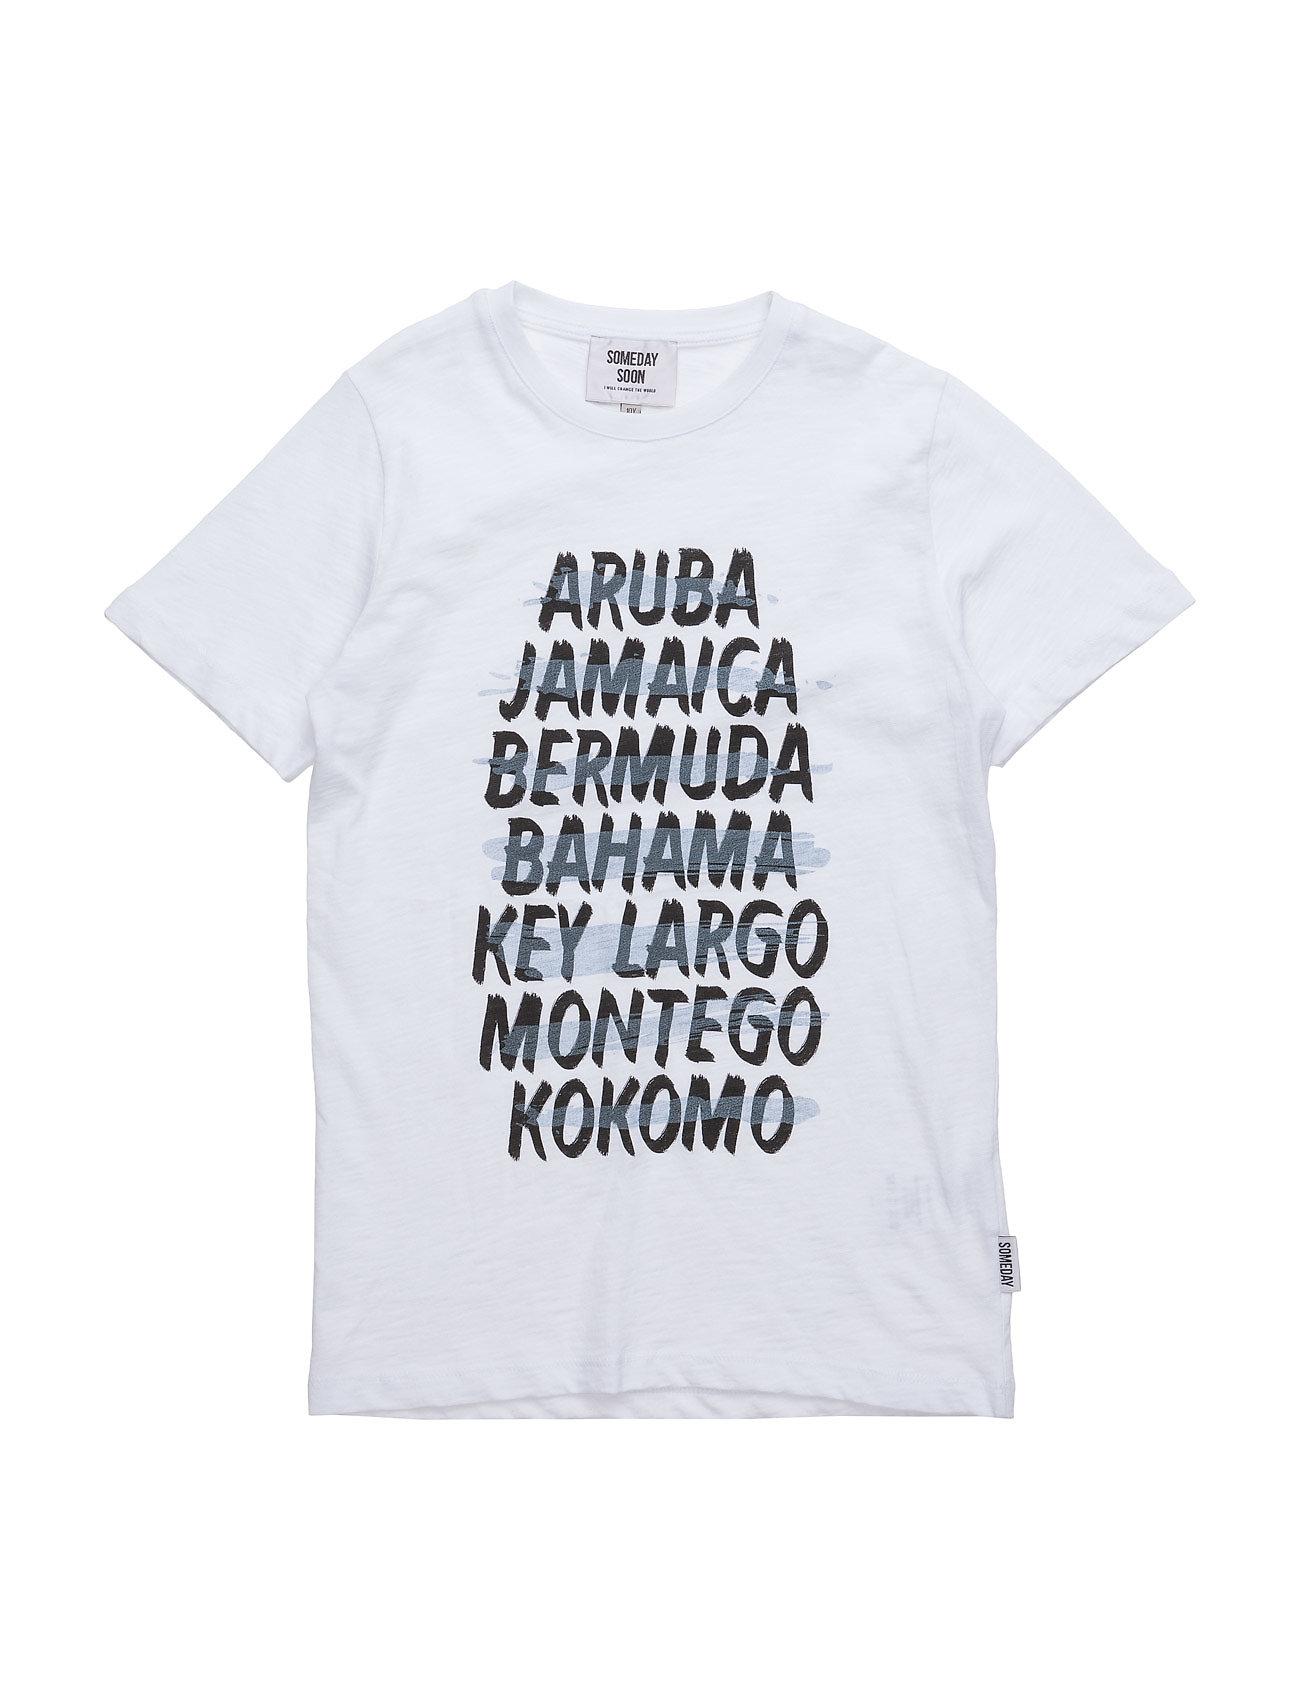 Kokomo T-Shirt Someday Soon Kortærmede t-shirts til Børn i